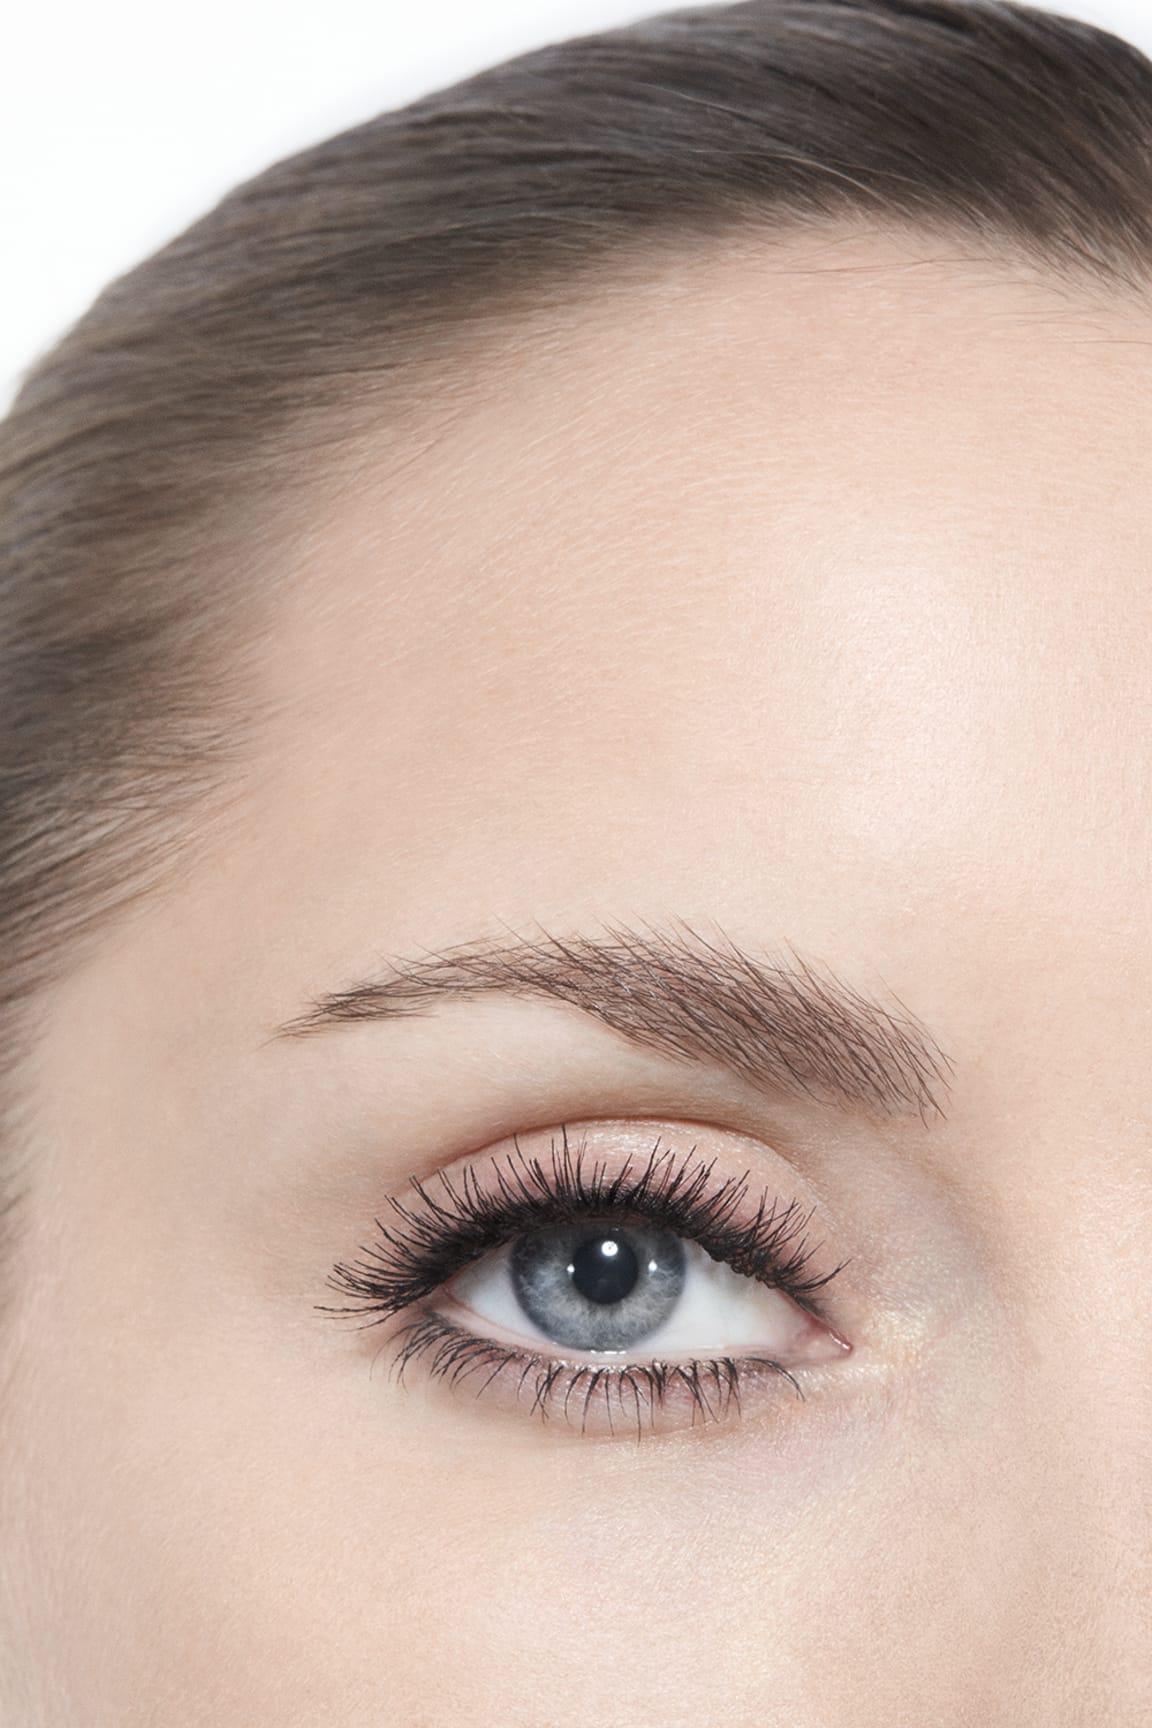 Application makeup visual 3 - DIMENSIONS ULTIMES DE CHANEL 10 - NOIR PUR-PURE BLACK